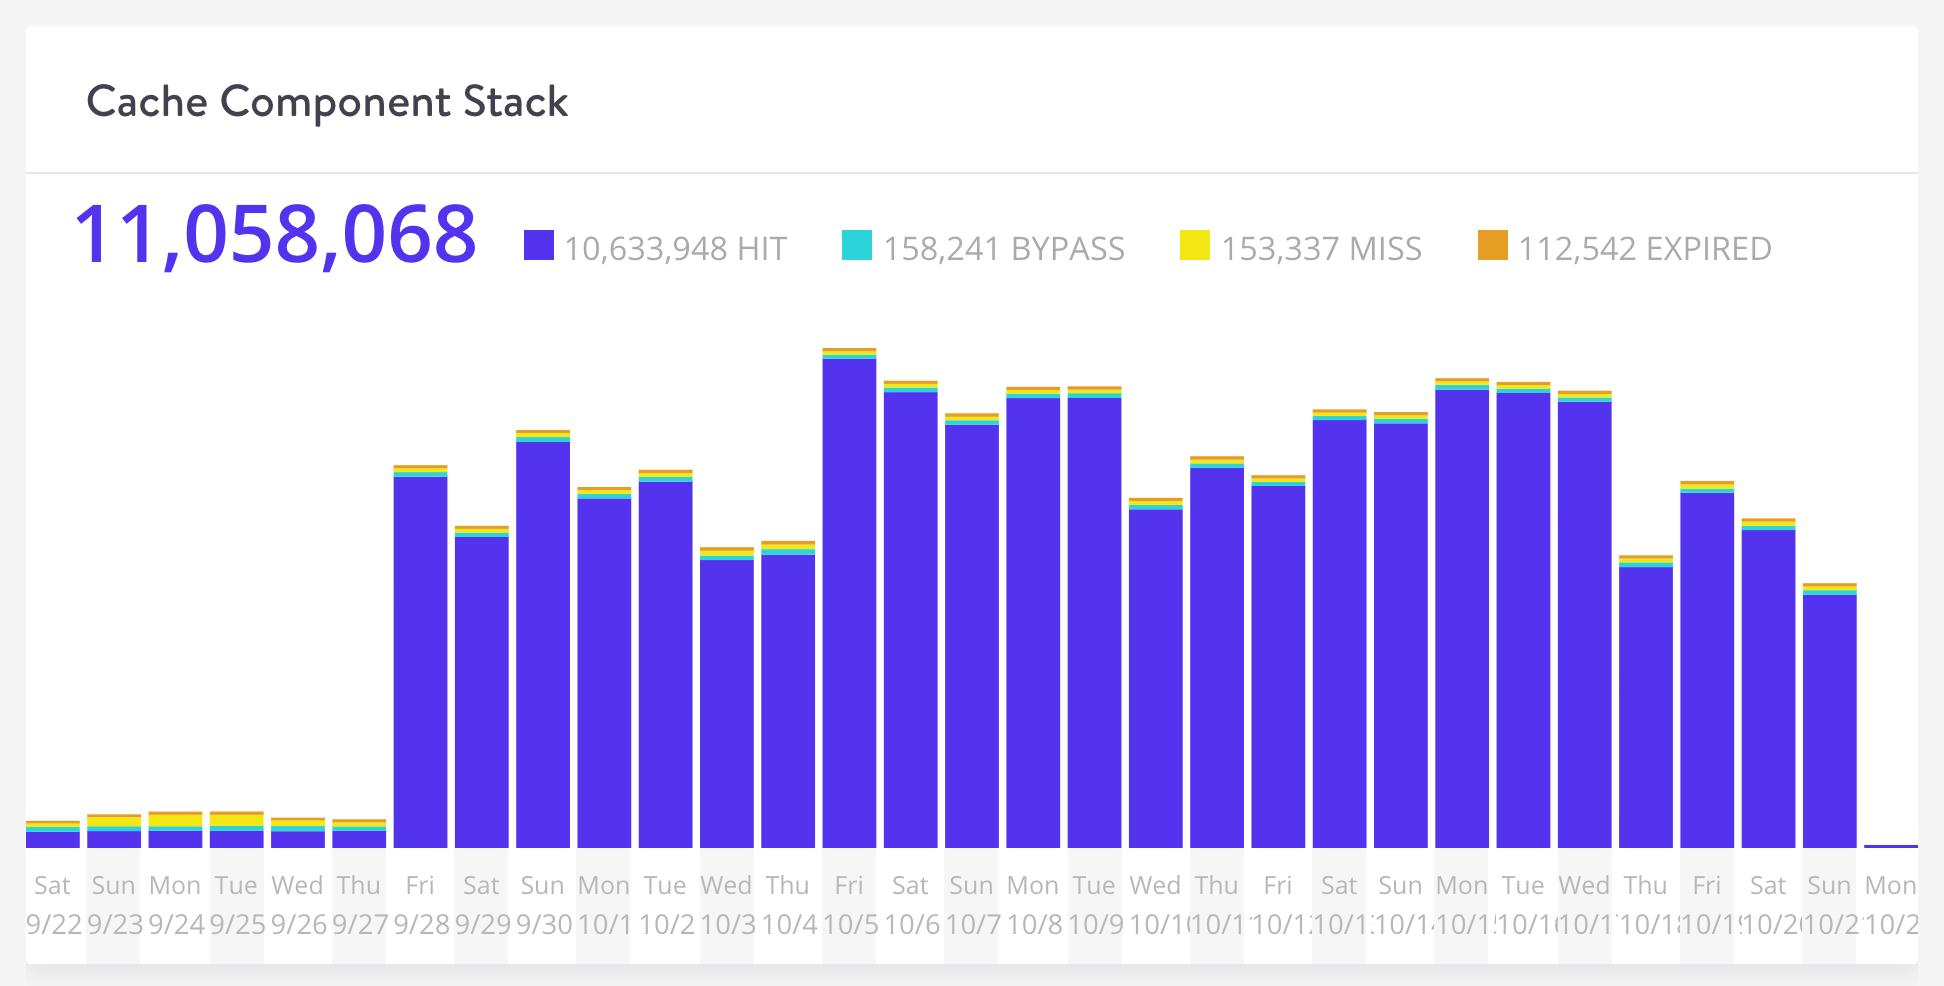 Stack composizione cache di Kinsta